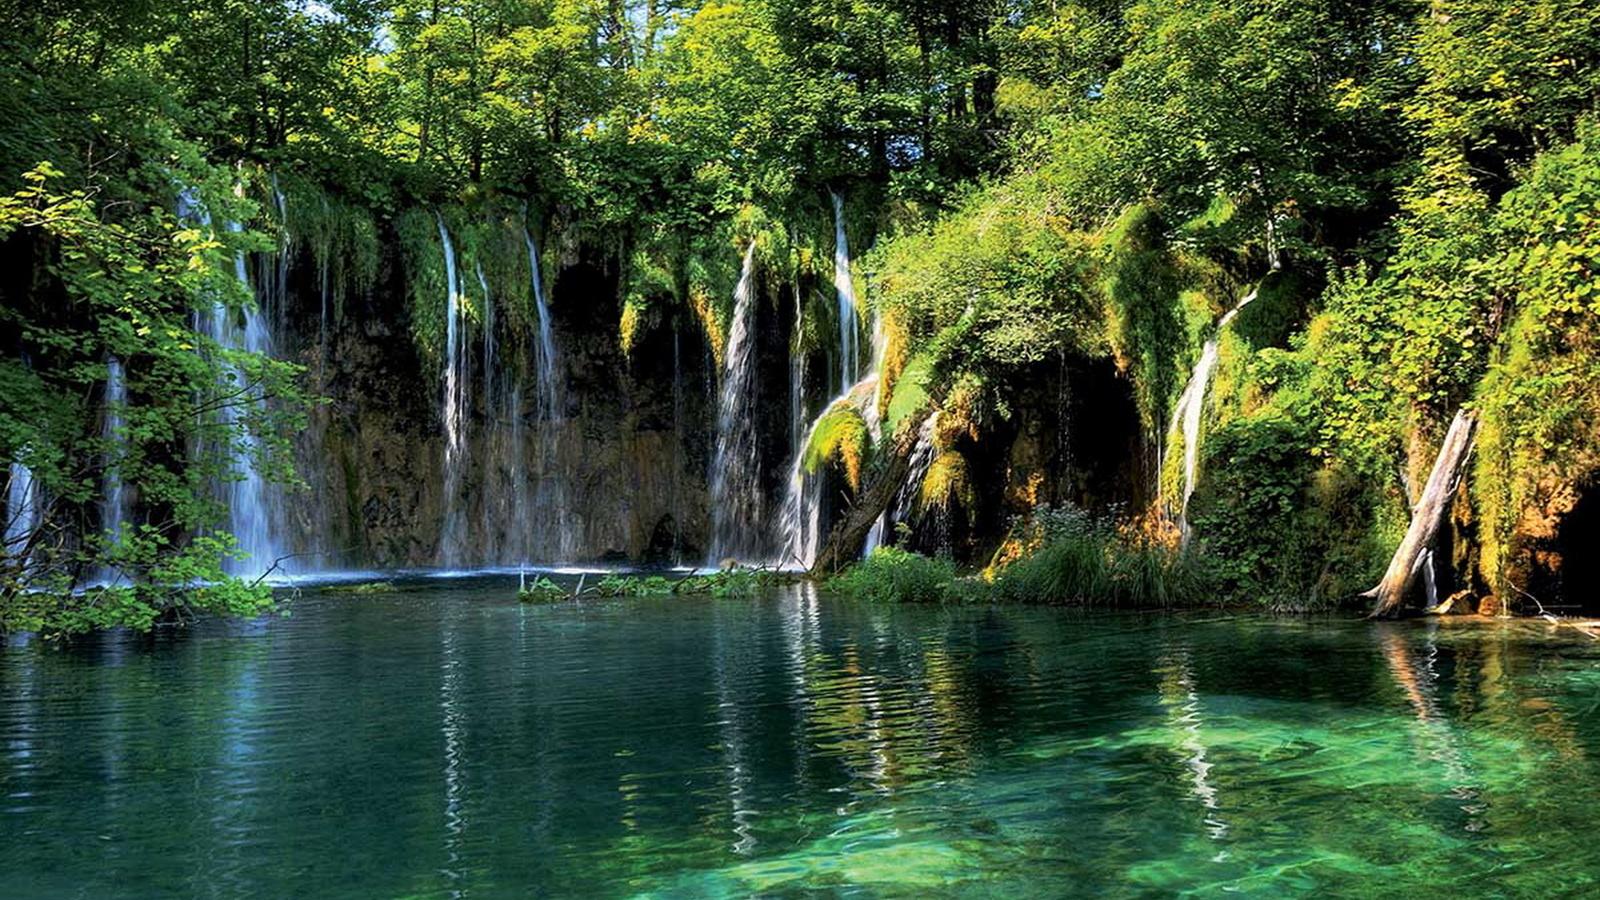 сестра картинки леса с водопадом магазины